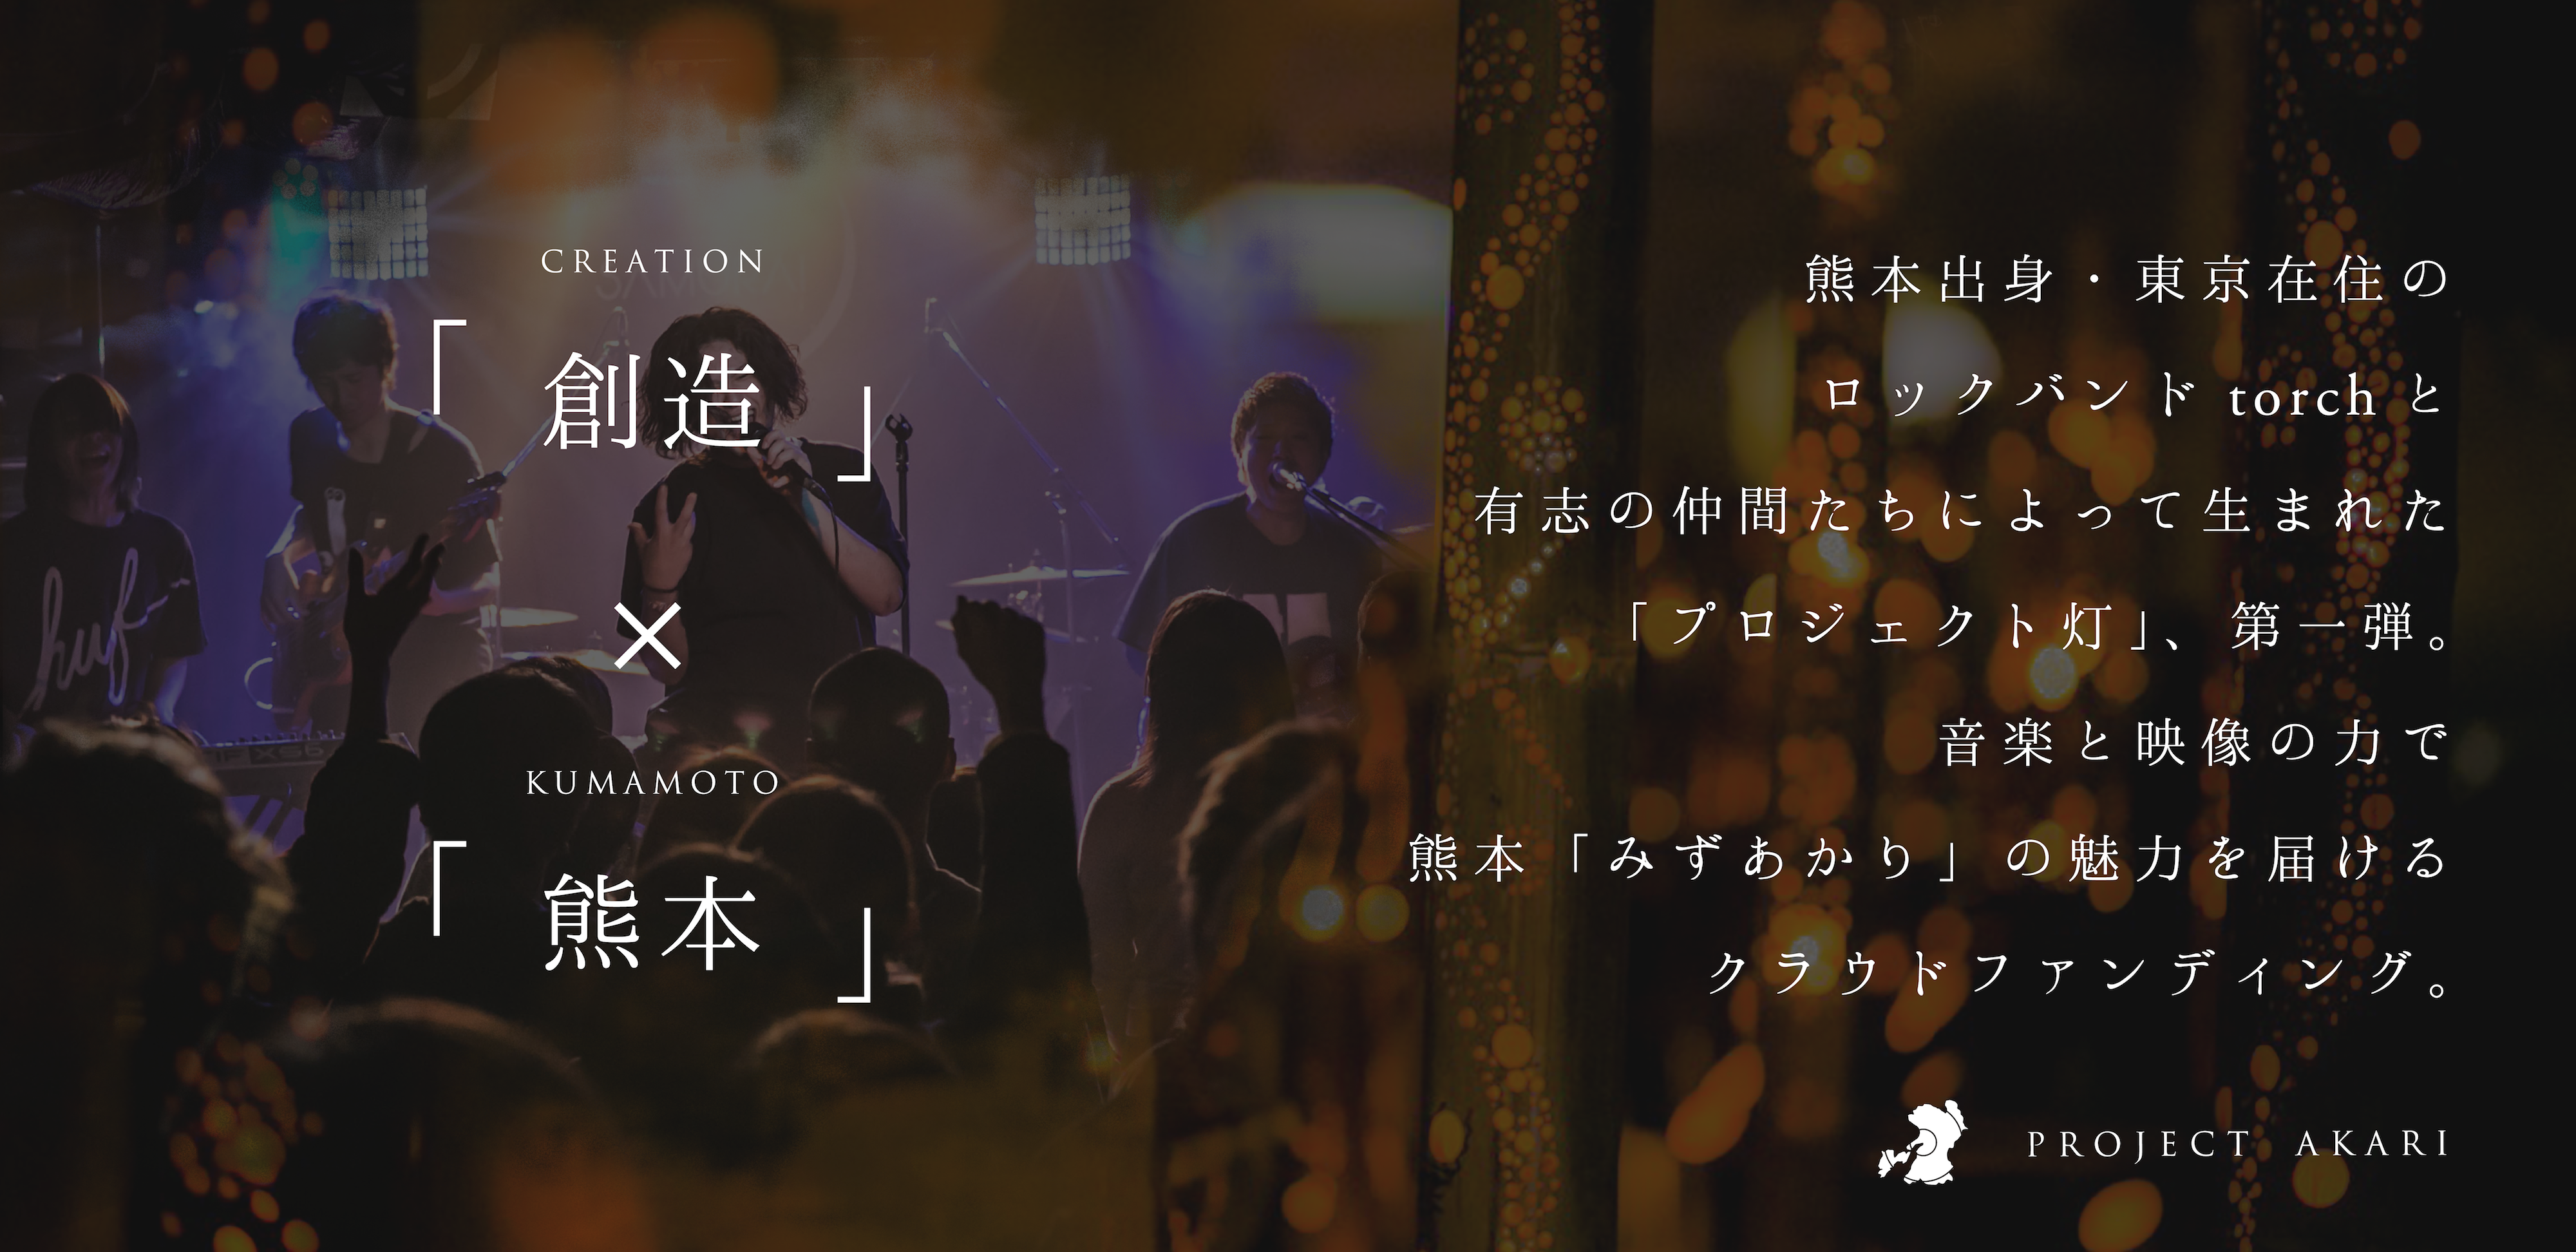 熊本の祭り『みずあかり』をイメージした映像を制作するプロジェクト